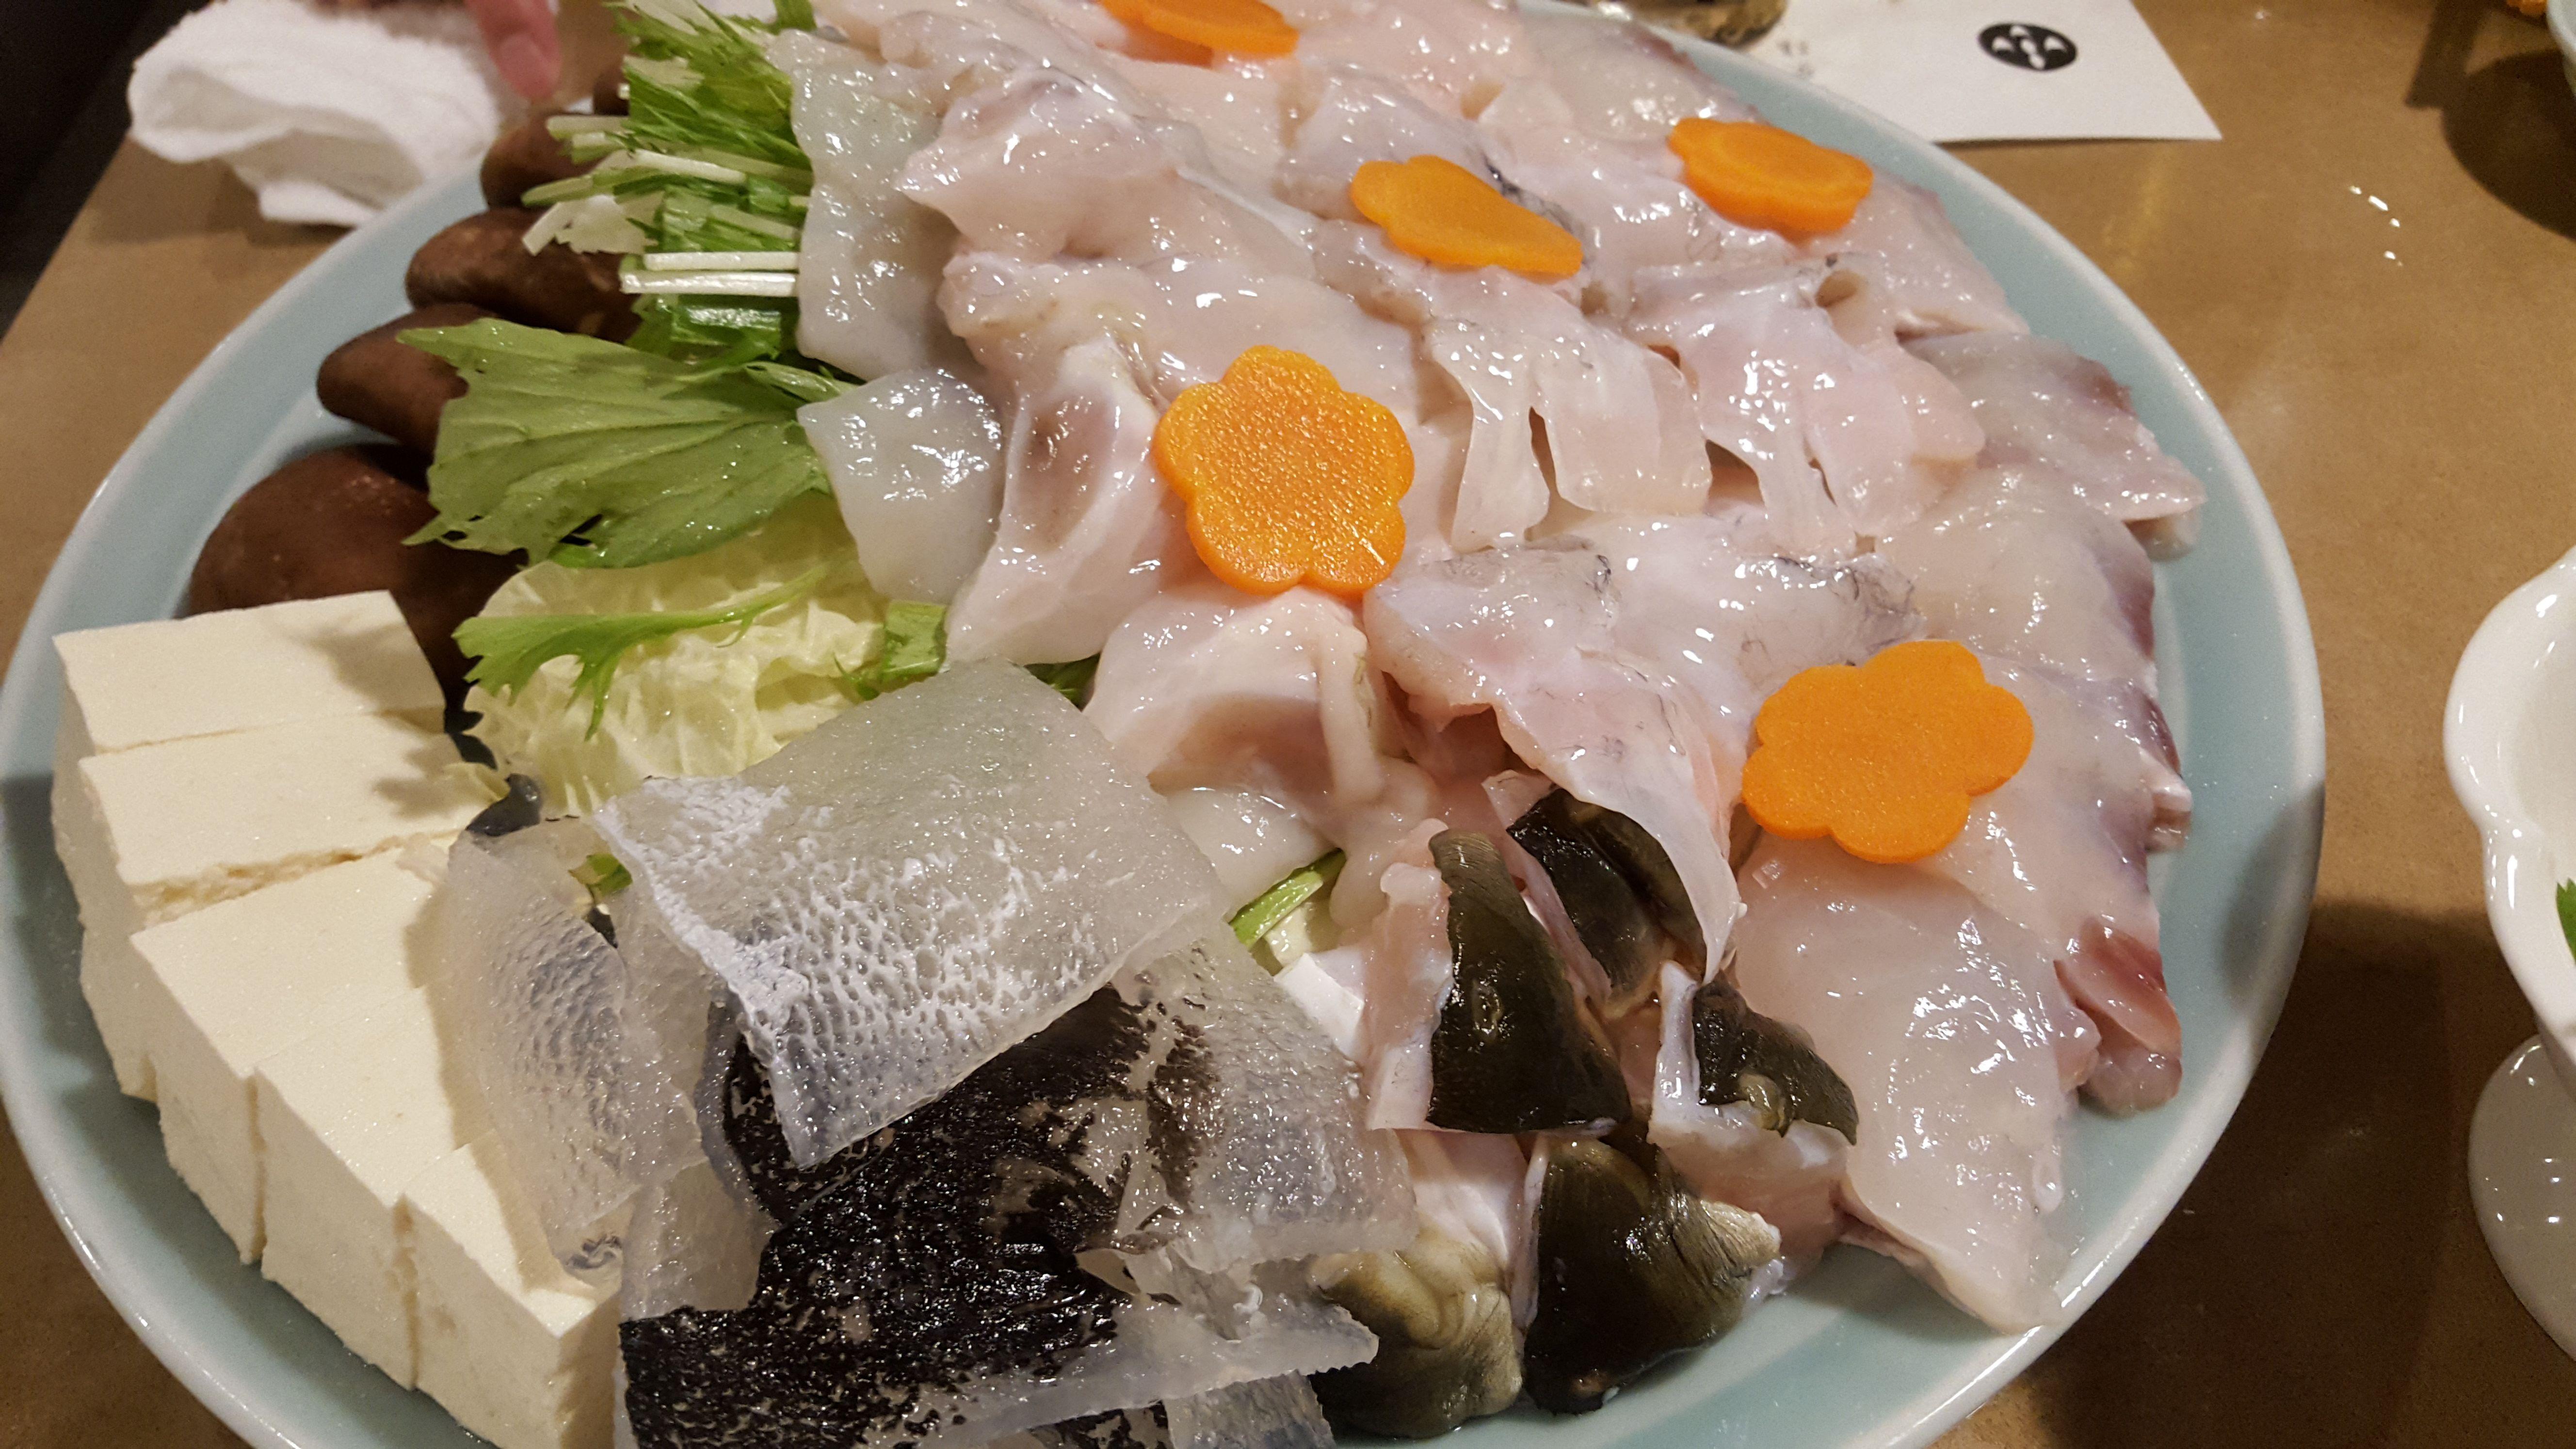 5 опасных азиатских блюд, от которых стоит воздержаться европейским туристам